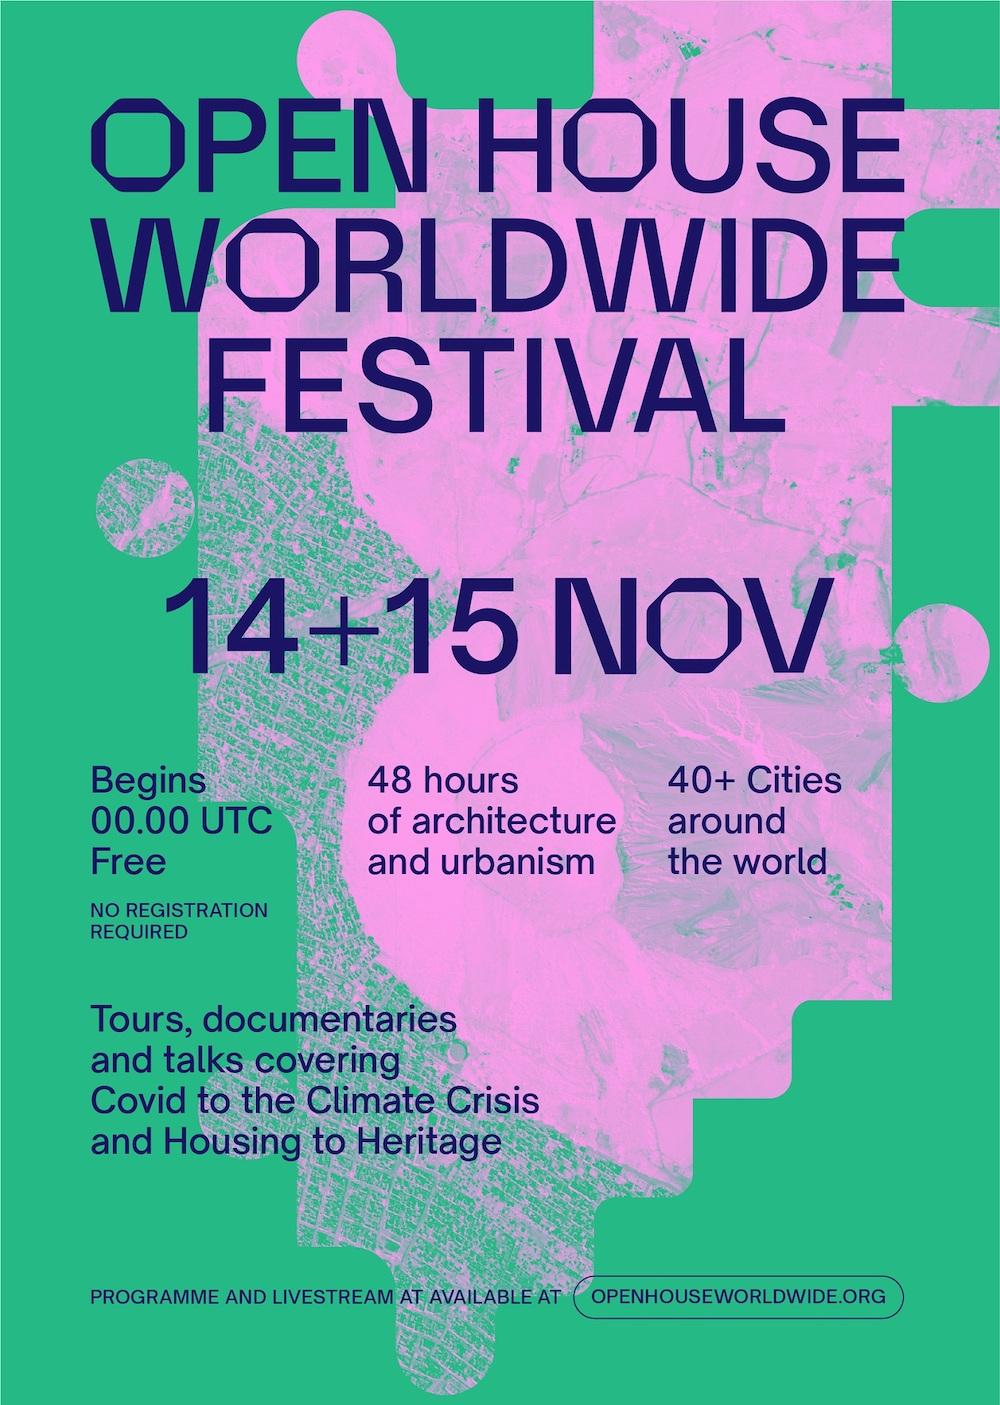 Open House Worldwide Festival